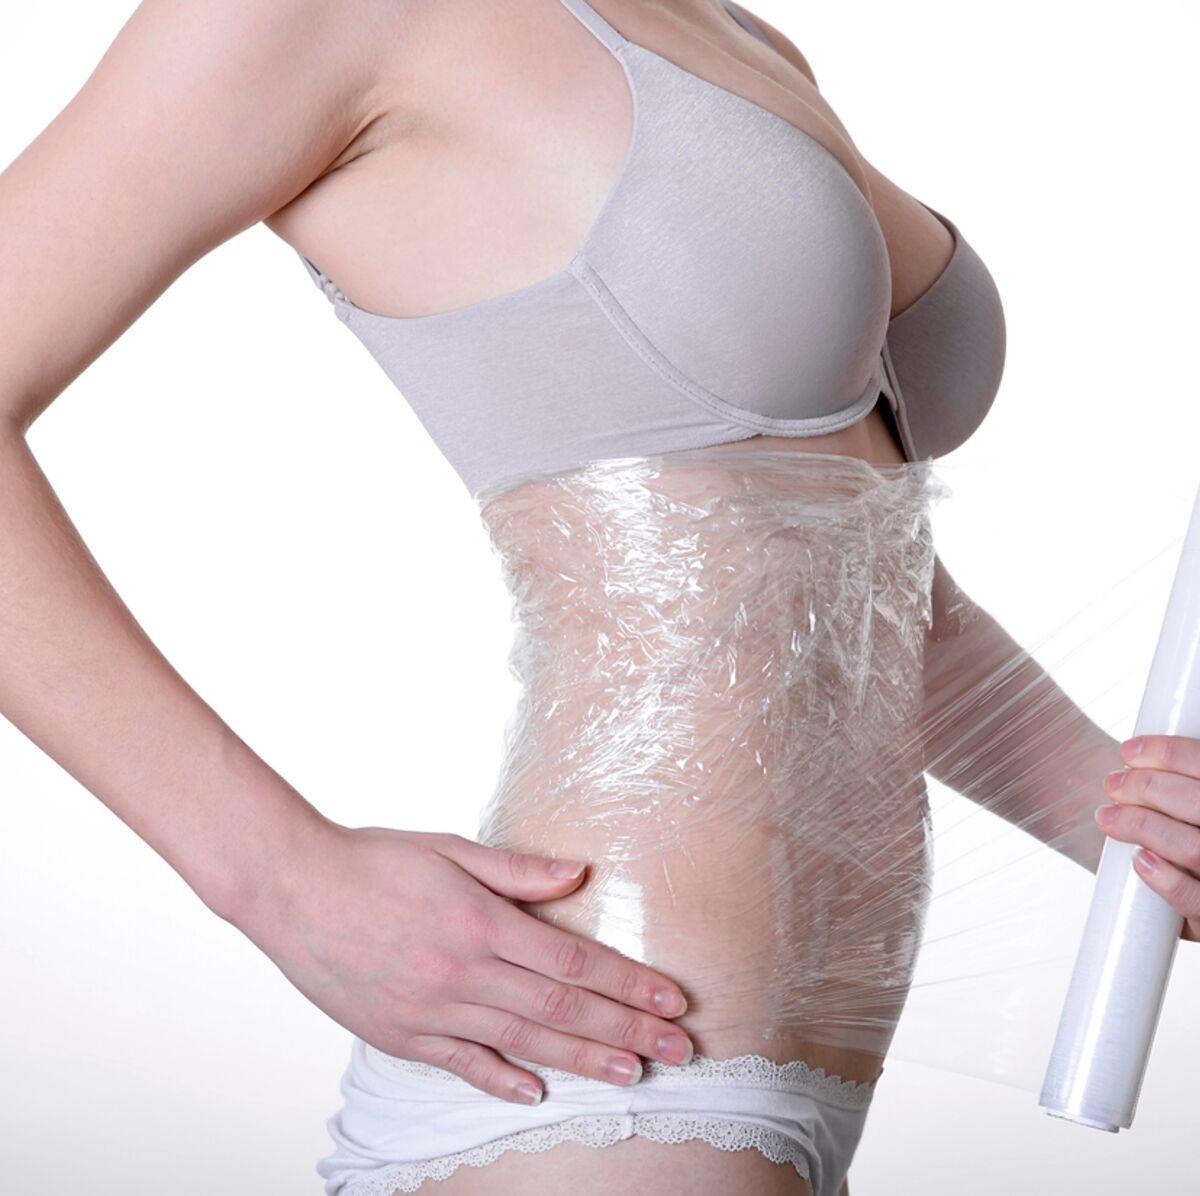 comment perdre du gras et se couper bons repas en essayant de perdre du poids